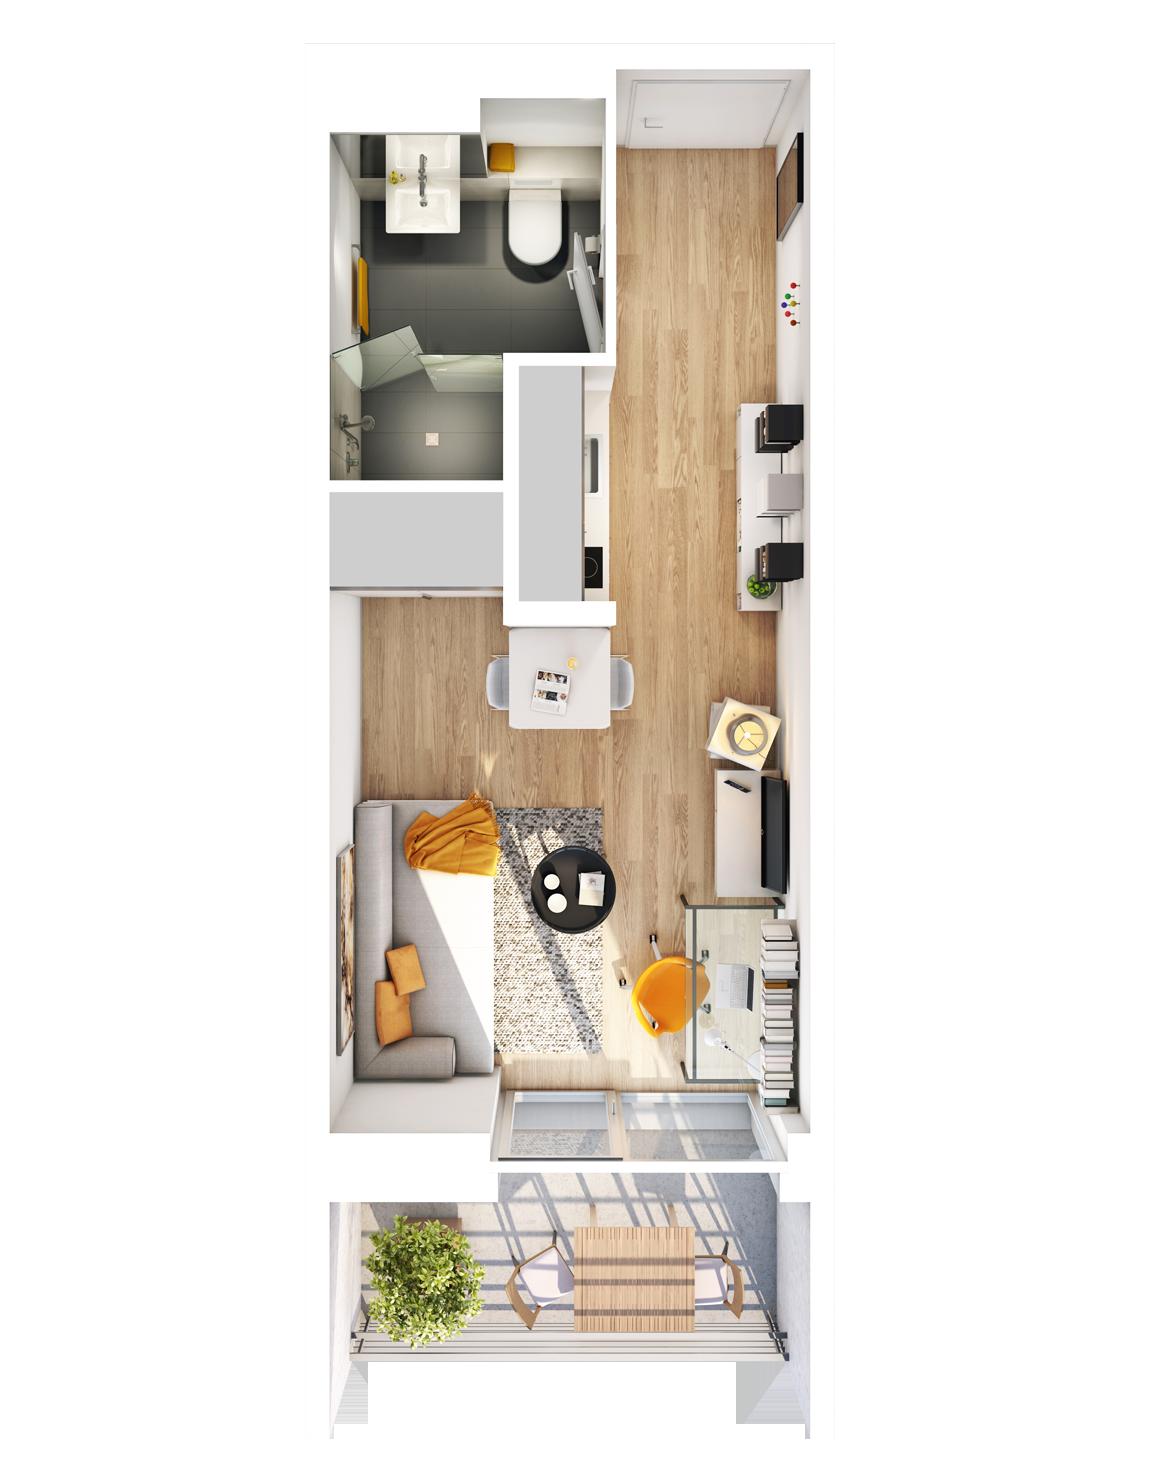 Visualisierung Beispiel 1-Zimmer-Wohnung Typ A mit Badvariante, Küchenzeile, Wohnbereich und Balkon im studiosus 5 Apartmenthaus in Augsburg